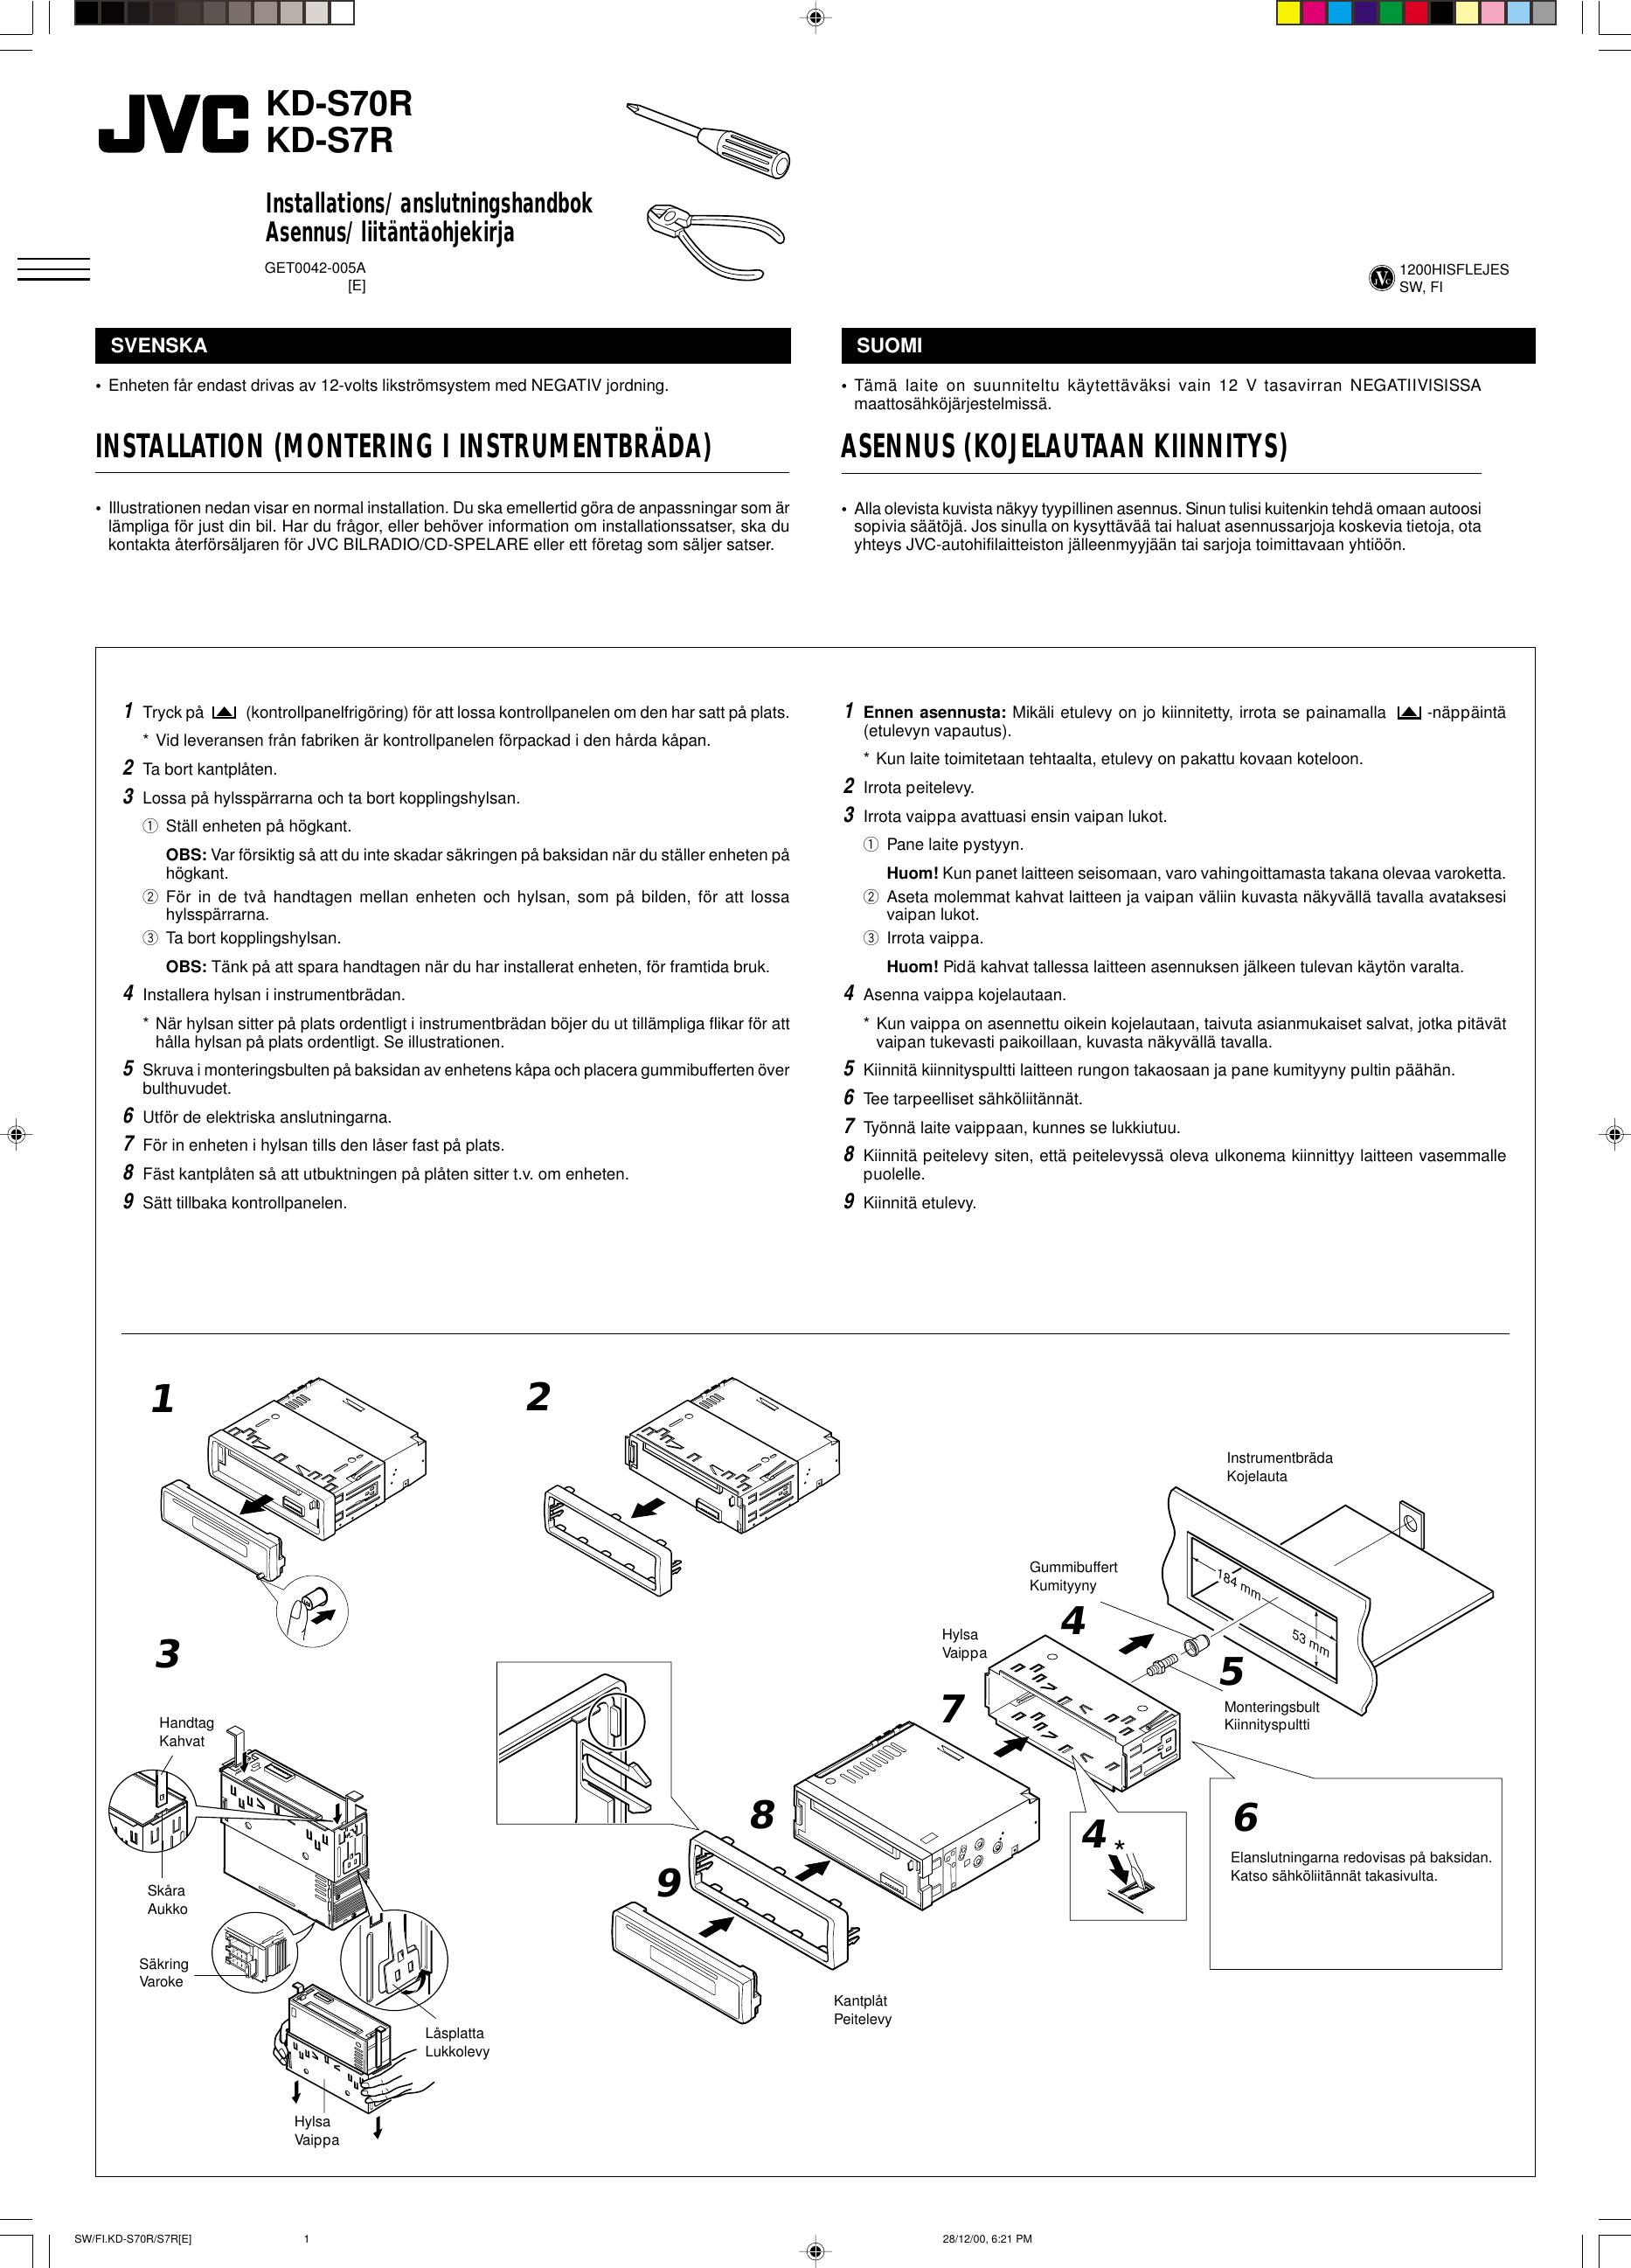 Yhteystiedot. 3. Sisällys. Ota yhteys asiantuntijaan mittausarvojen tulkintaa varten.